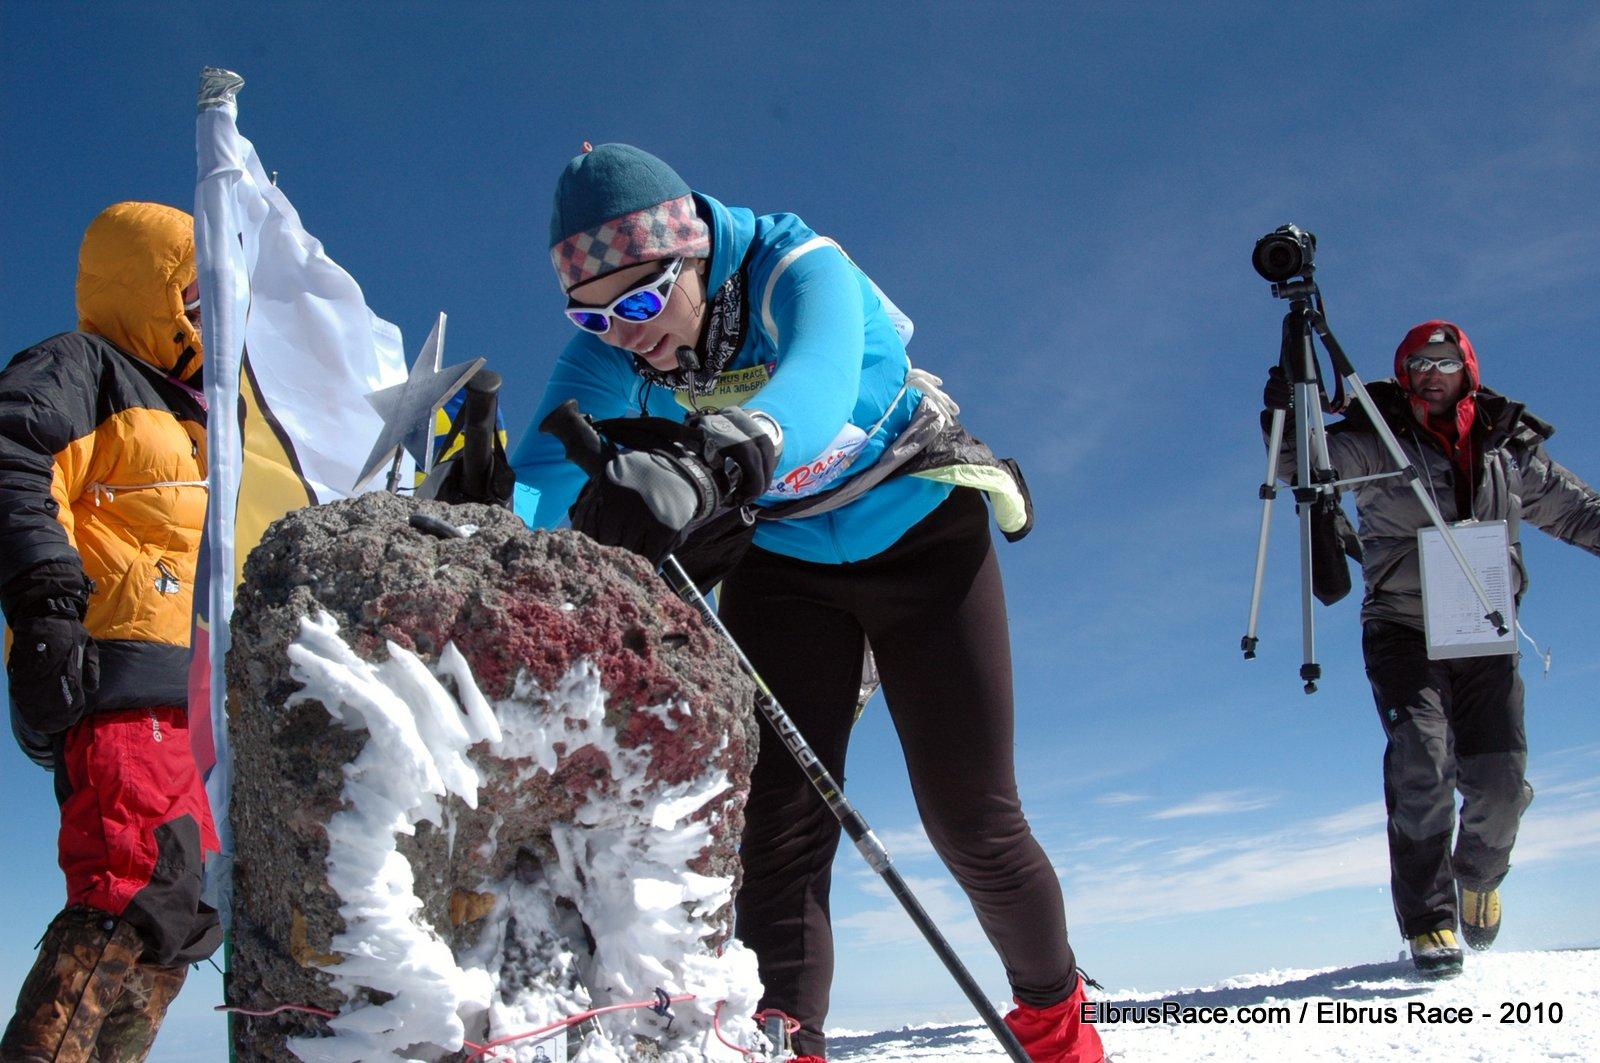 elbrus-race-2010 Маша Хитрикова